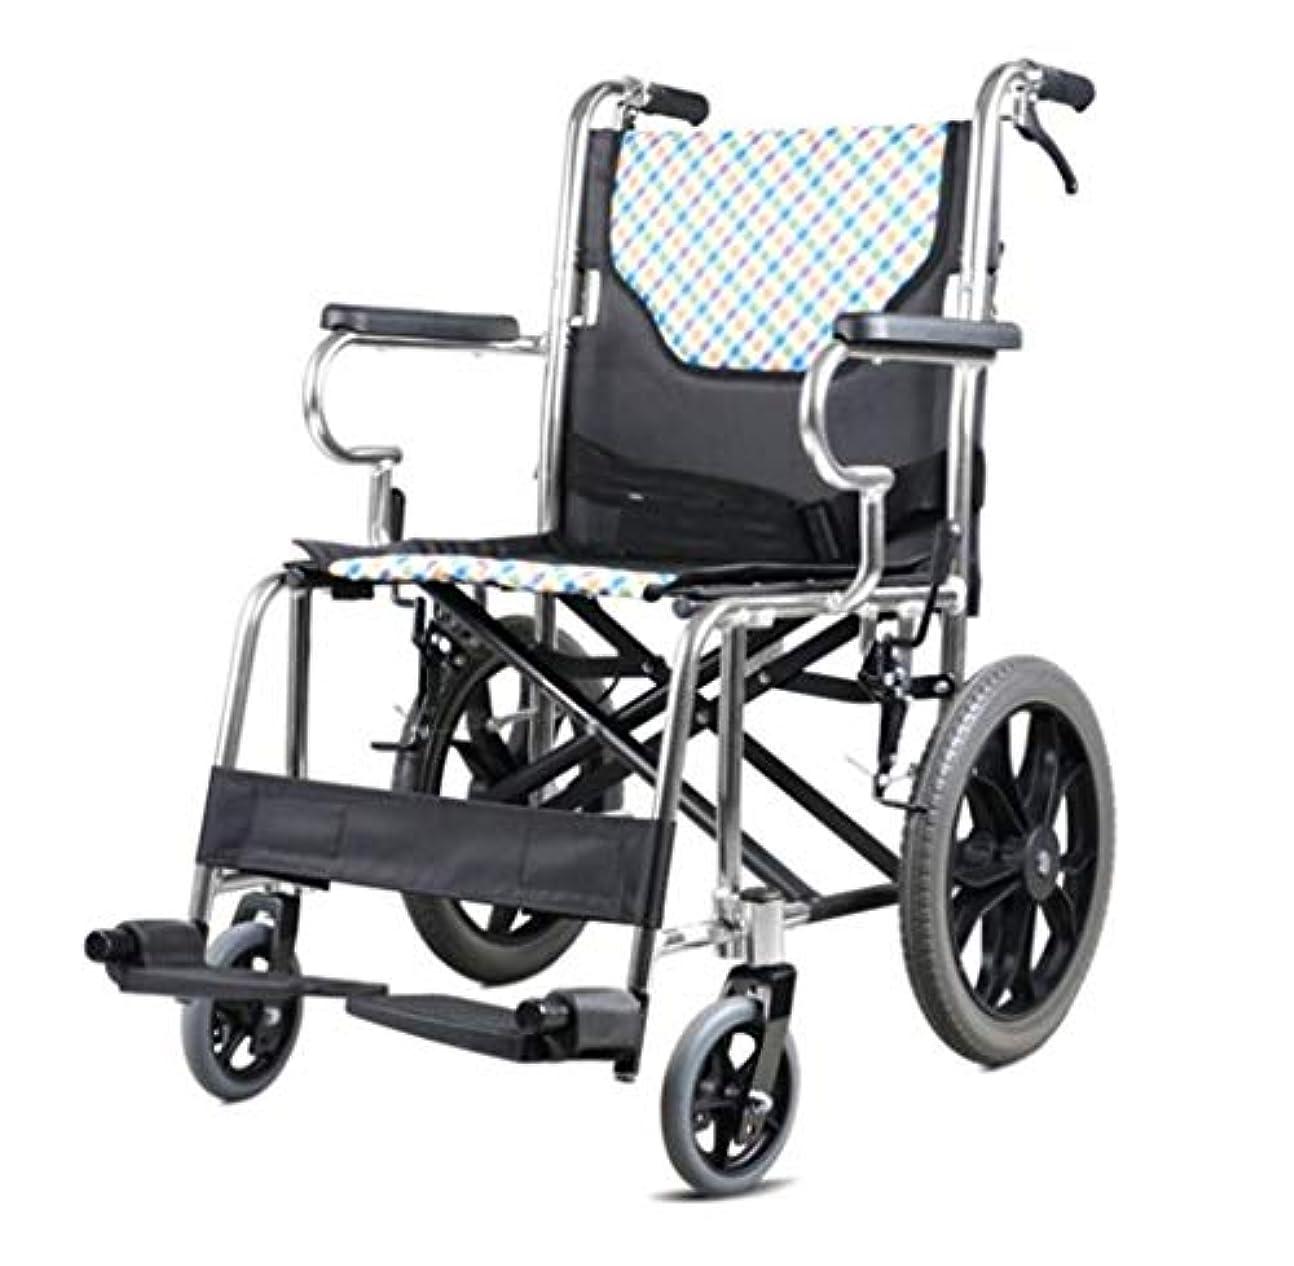 マリンバスト敵対的車椅子用トロリー折りたたみ式、高齢者用トロリー、身体障害者用車椅子、容量100 Kg